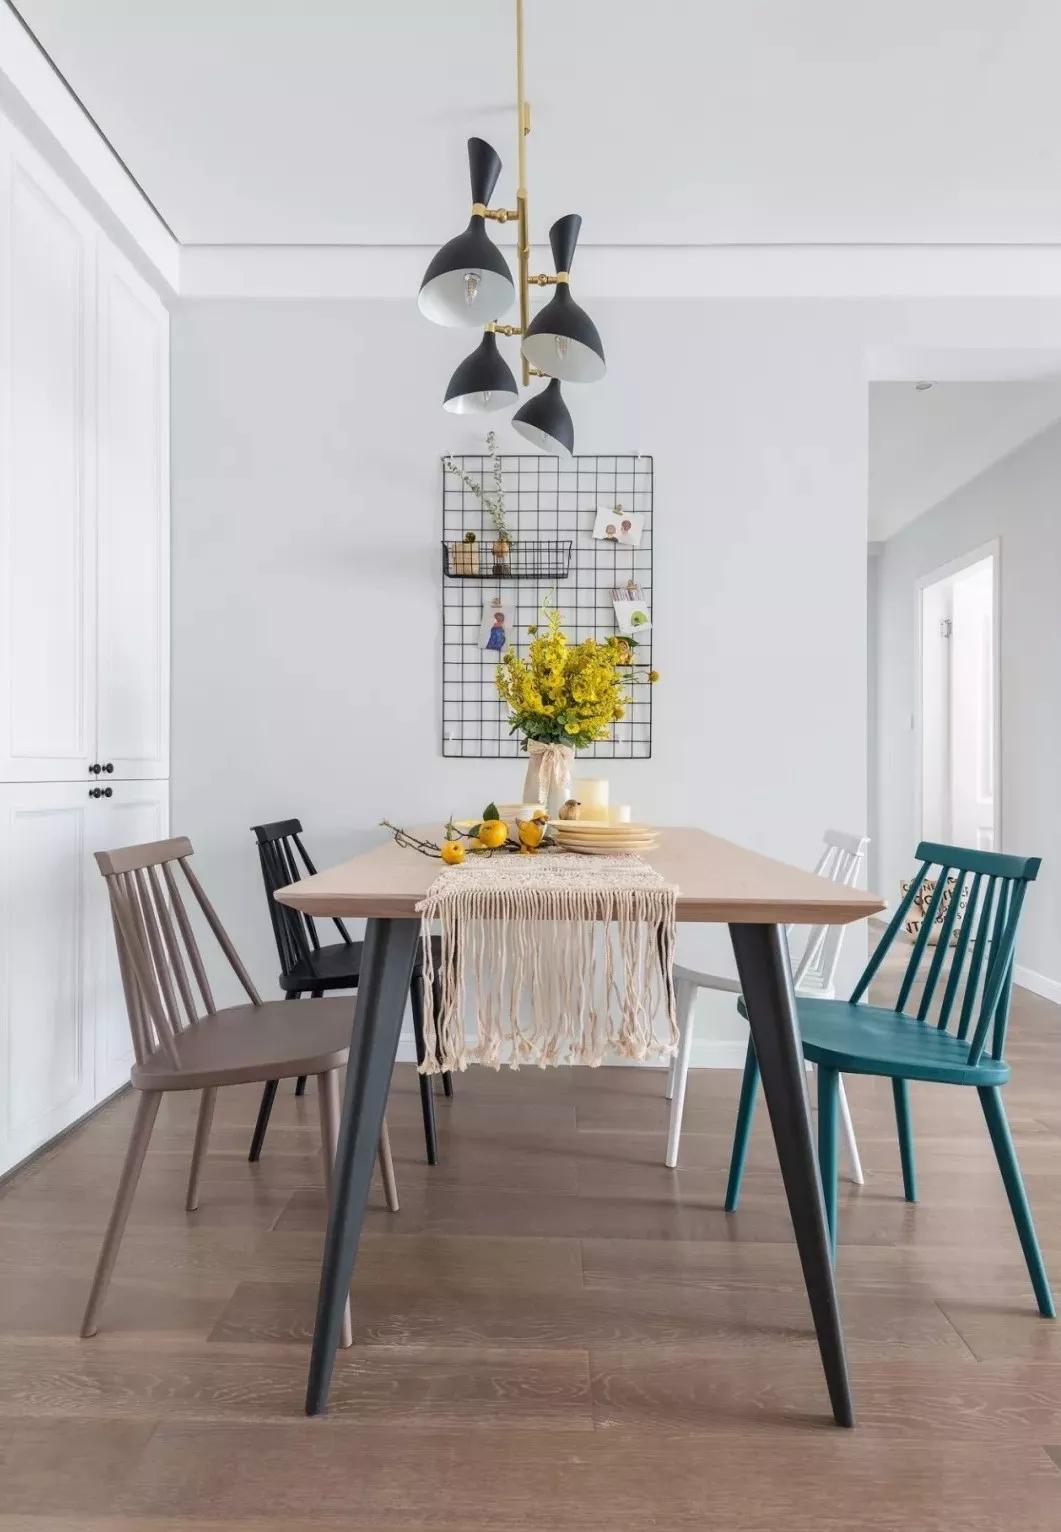 餐厅设计多了几分简约之美,四张不同颜色的餐椅,使空间增加灵动。